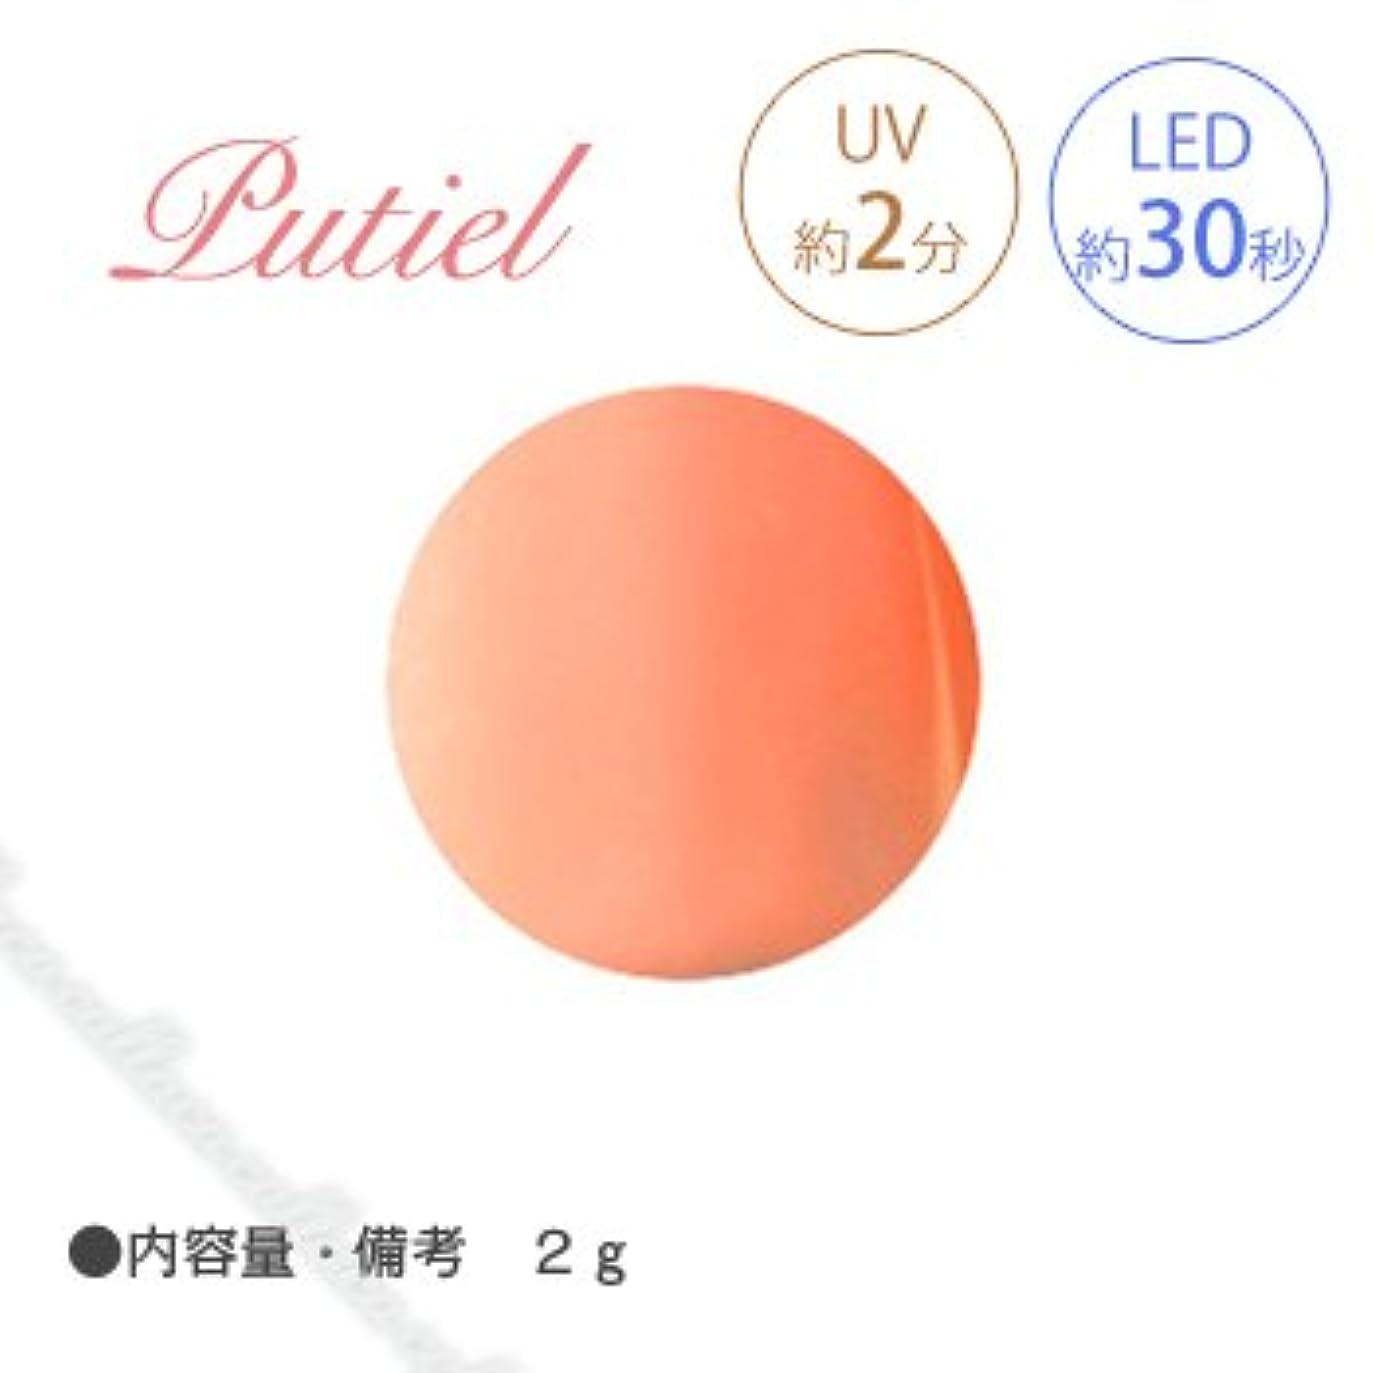 匿名ショッピングセンターどこにもPutiel プティール カラージェル 103 ブラッドオレンジ 2g